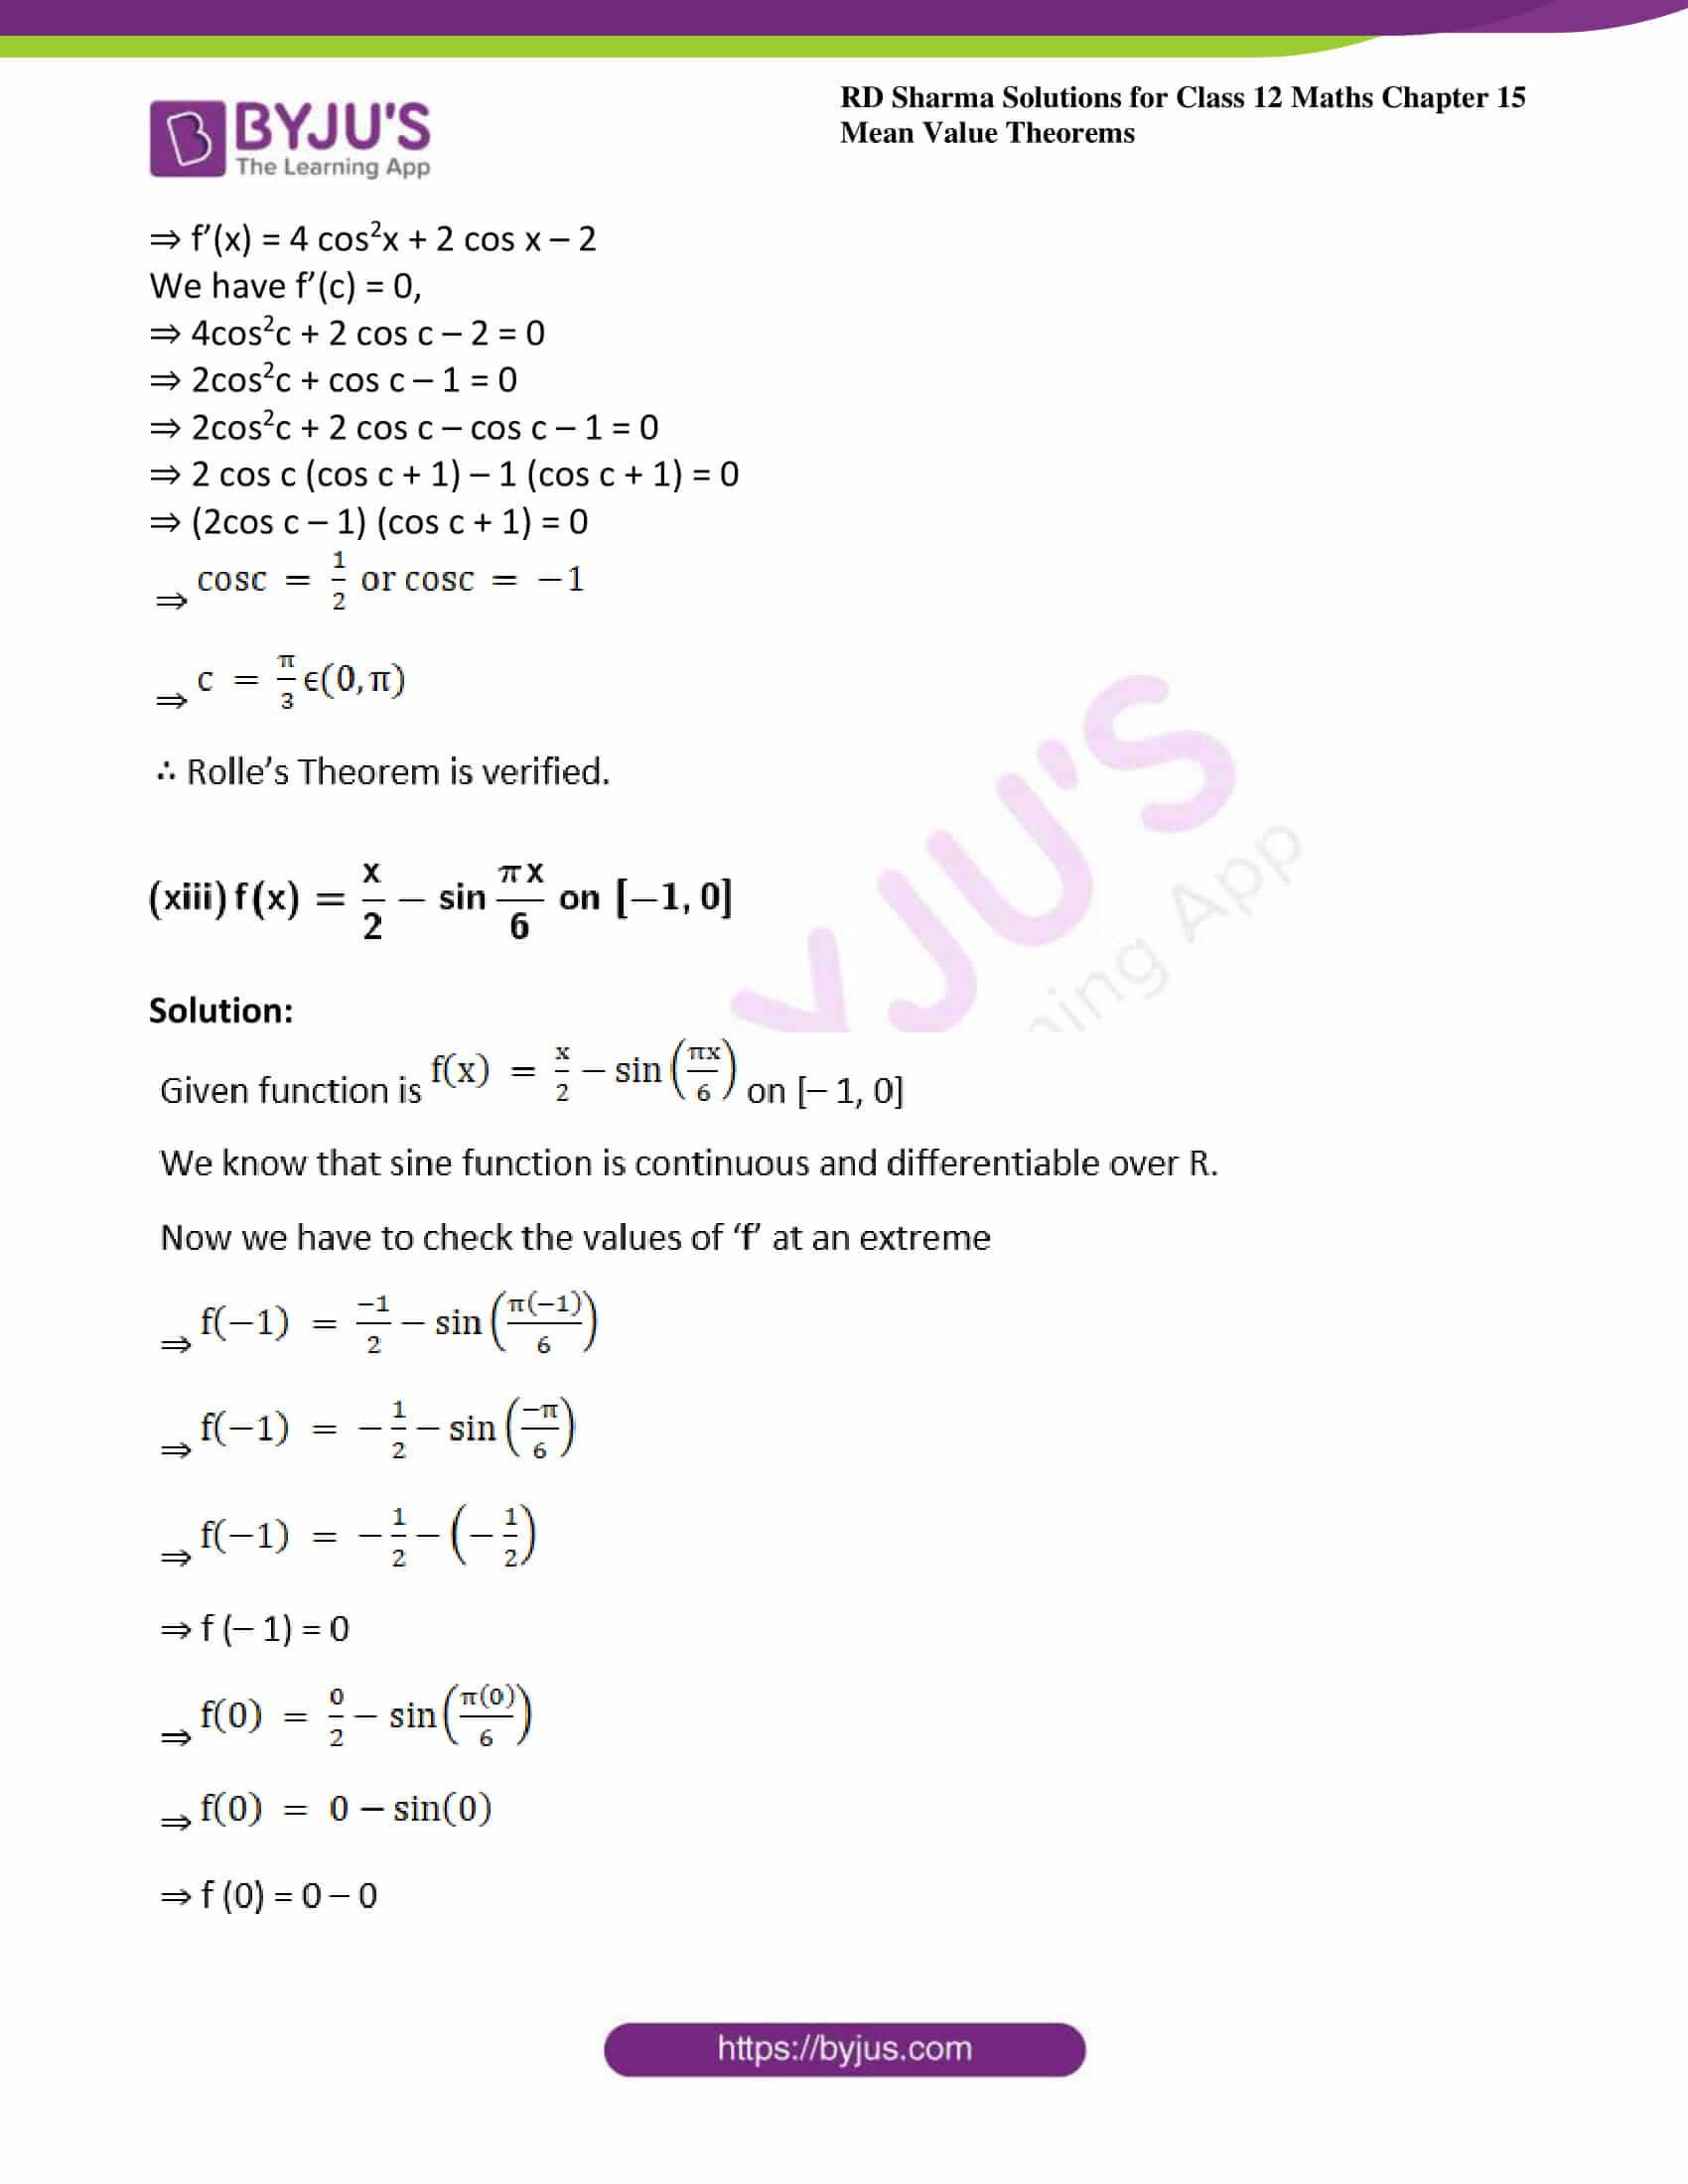 rd sharma class 12 maths solutions chapter 15 ex 1 29